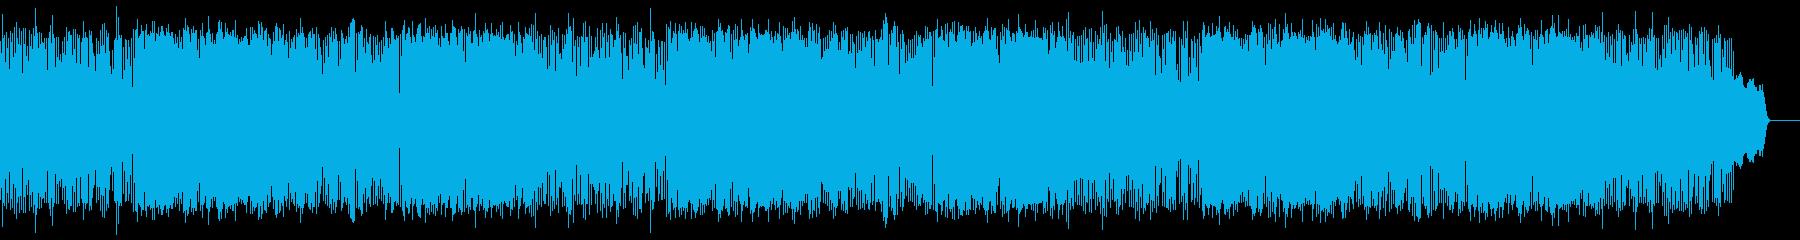 ドラマチックでしっとりと切ない昭和歌謡の再生済みの波形